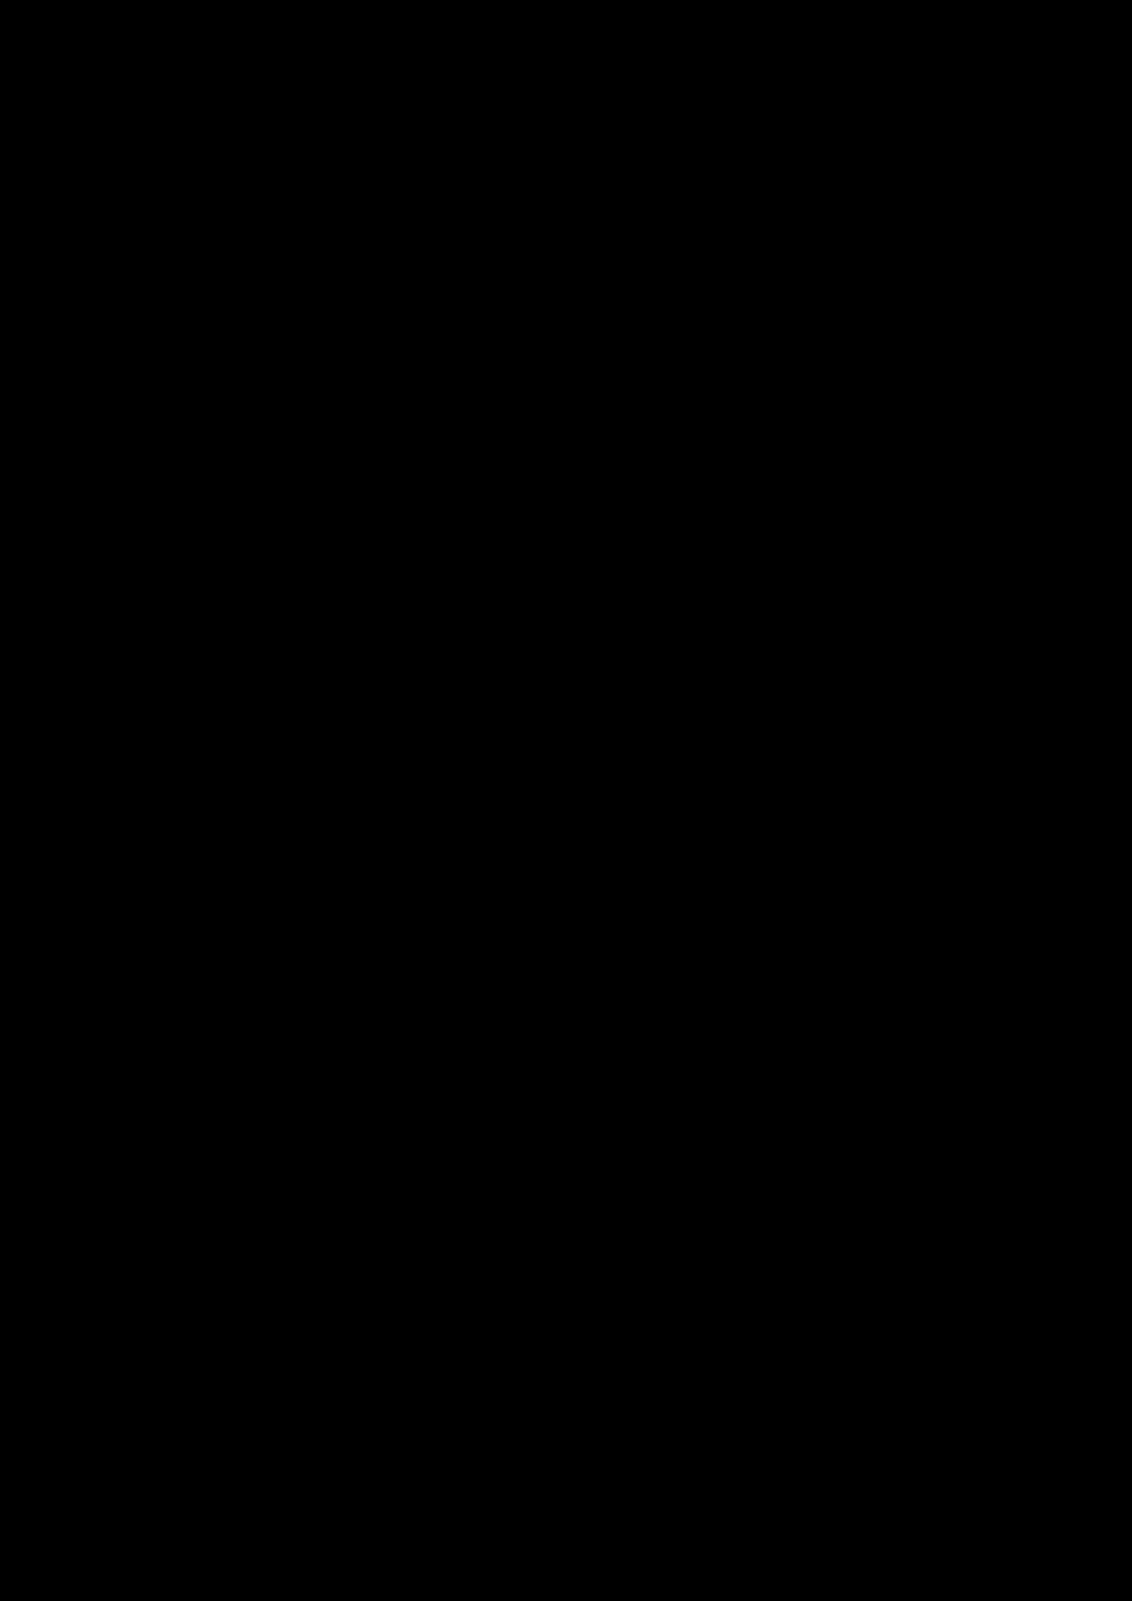 Zagadka volshebnoy stranyi slide, Image 163